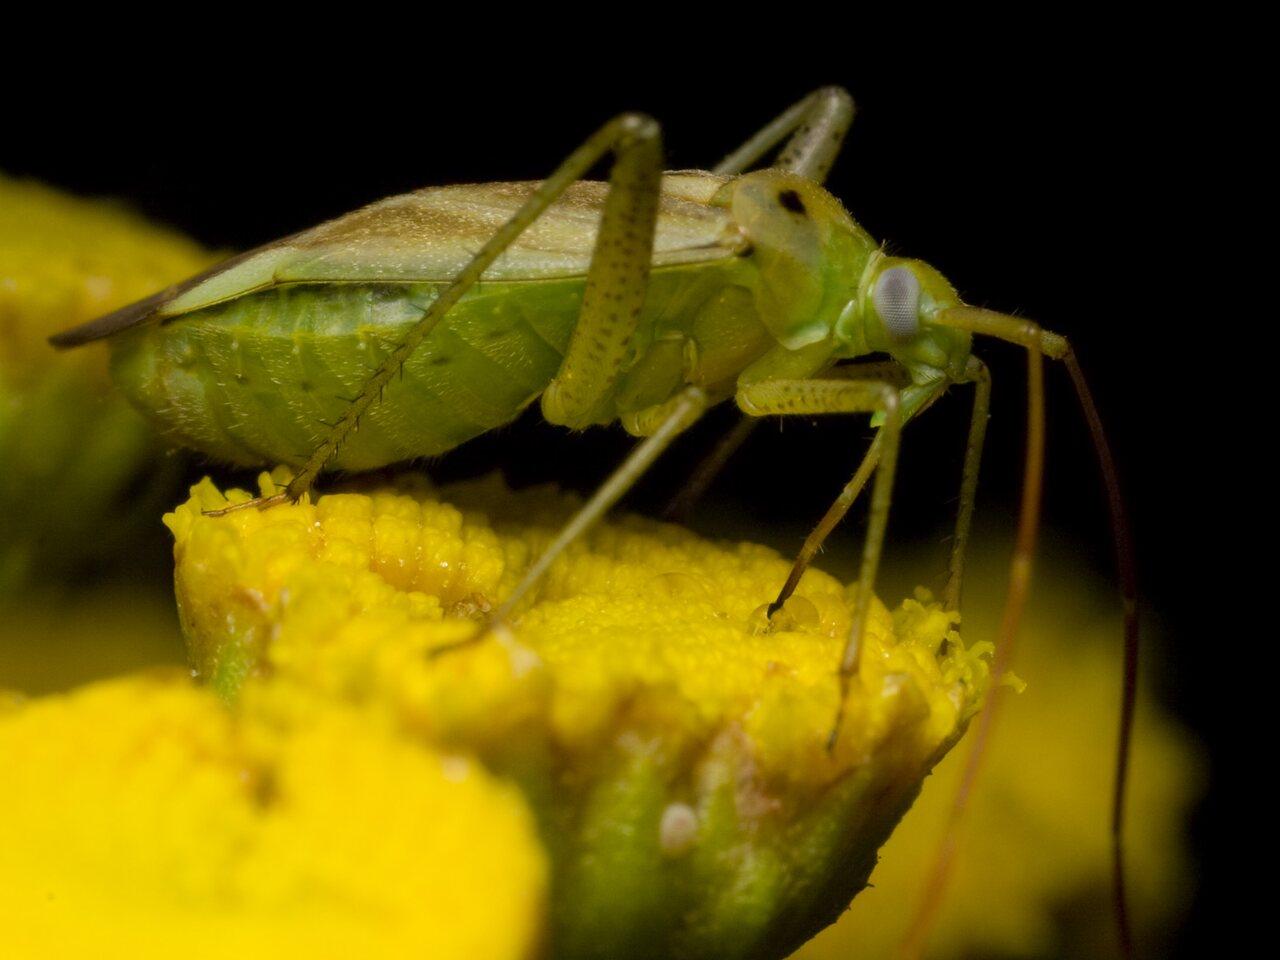 Adelphocoris-lineolatus-1146.jpg